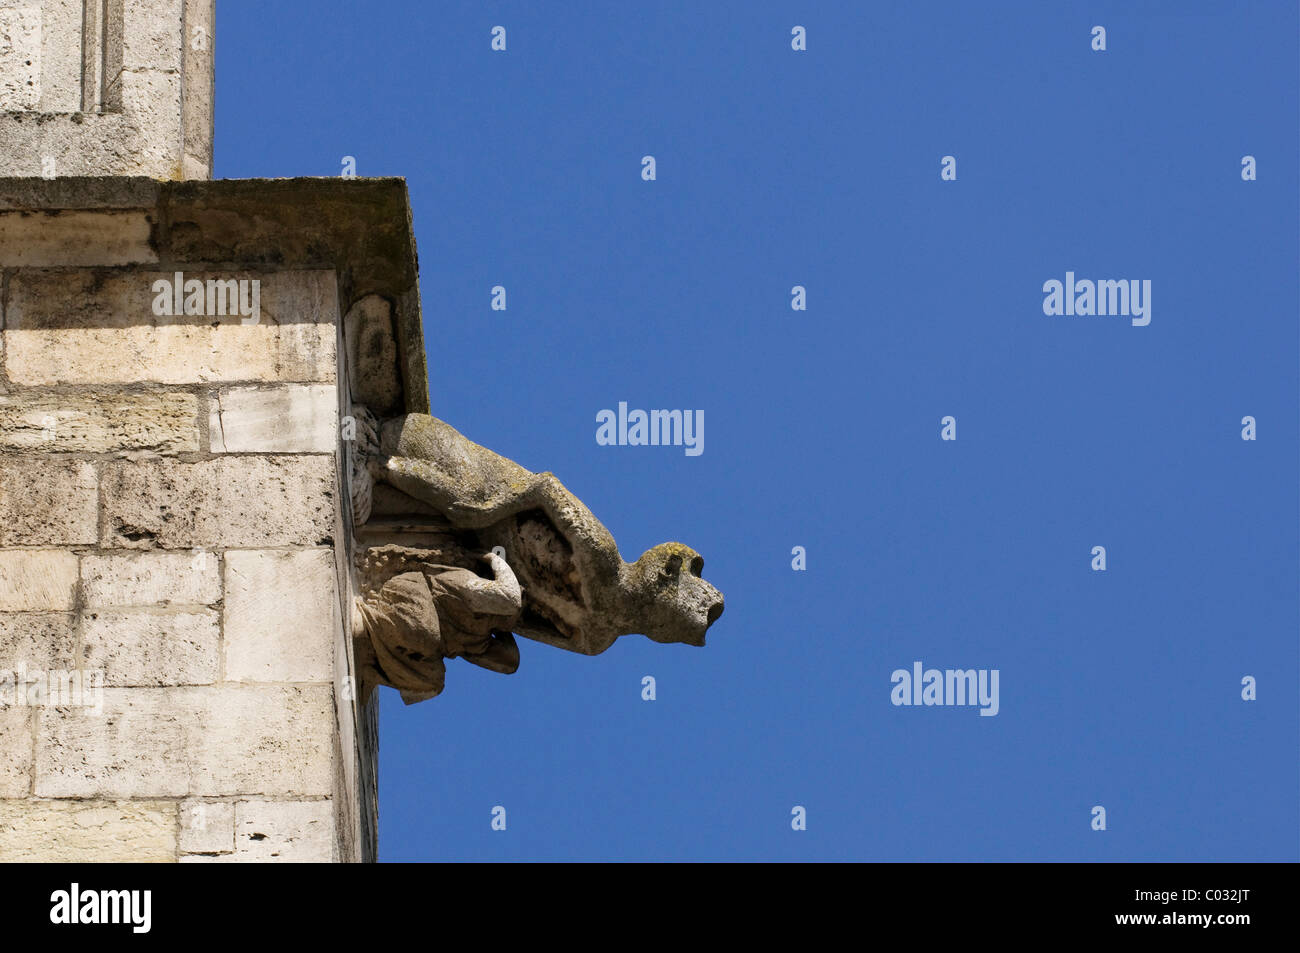 Gárgola, mono, escultura en la fachada de la catedral de Ratisbona, Regensburg, el Alto Palatinado, Baviera, Alemania, Foto de stock